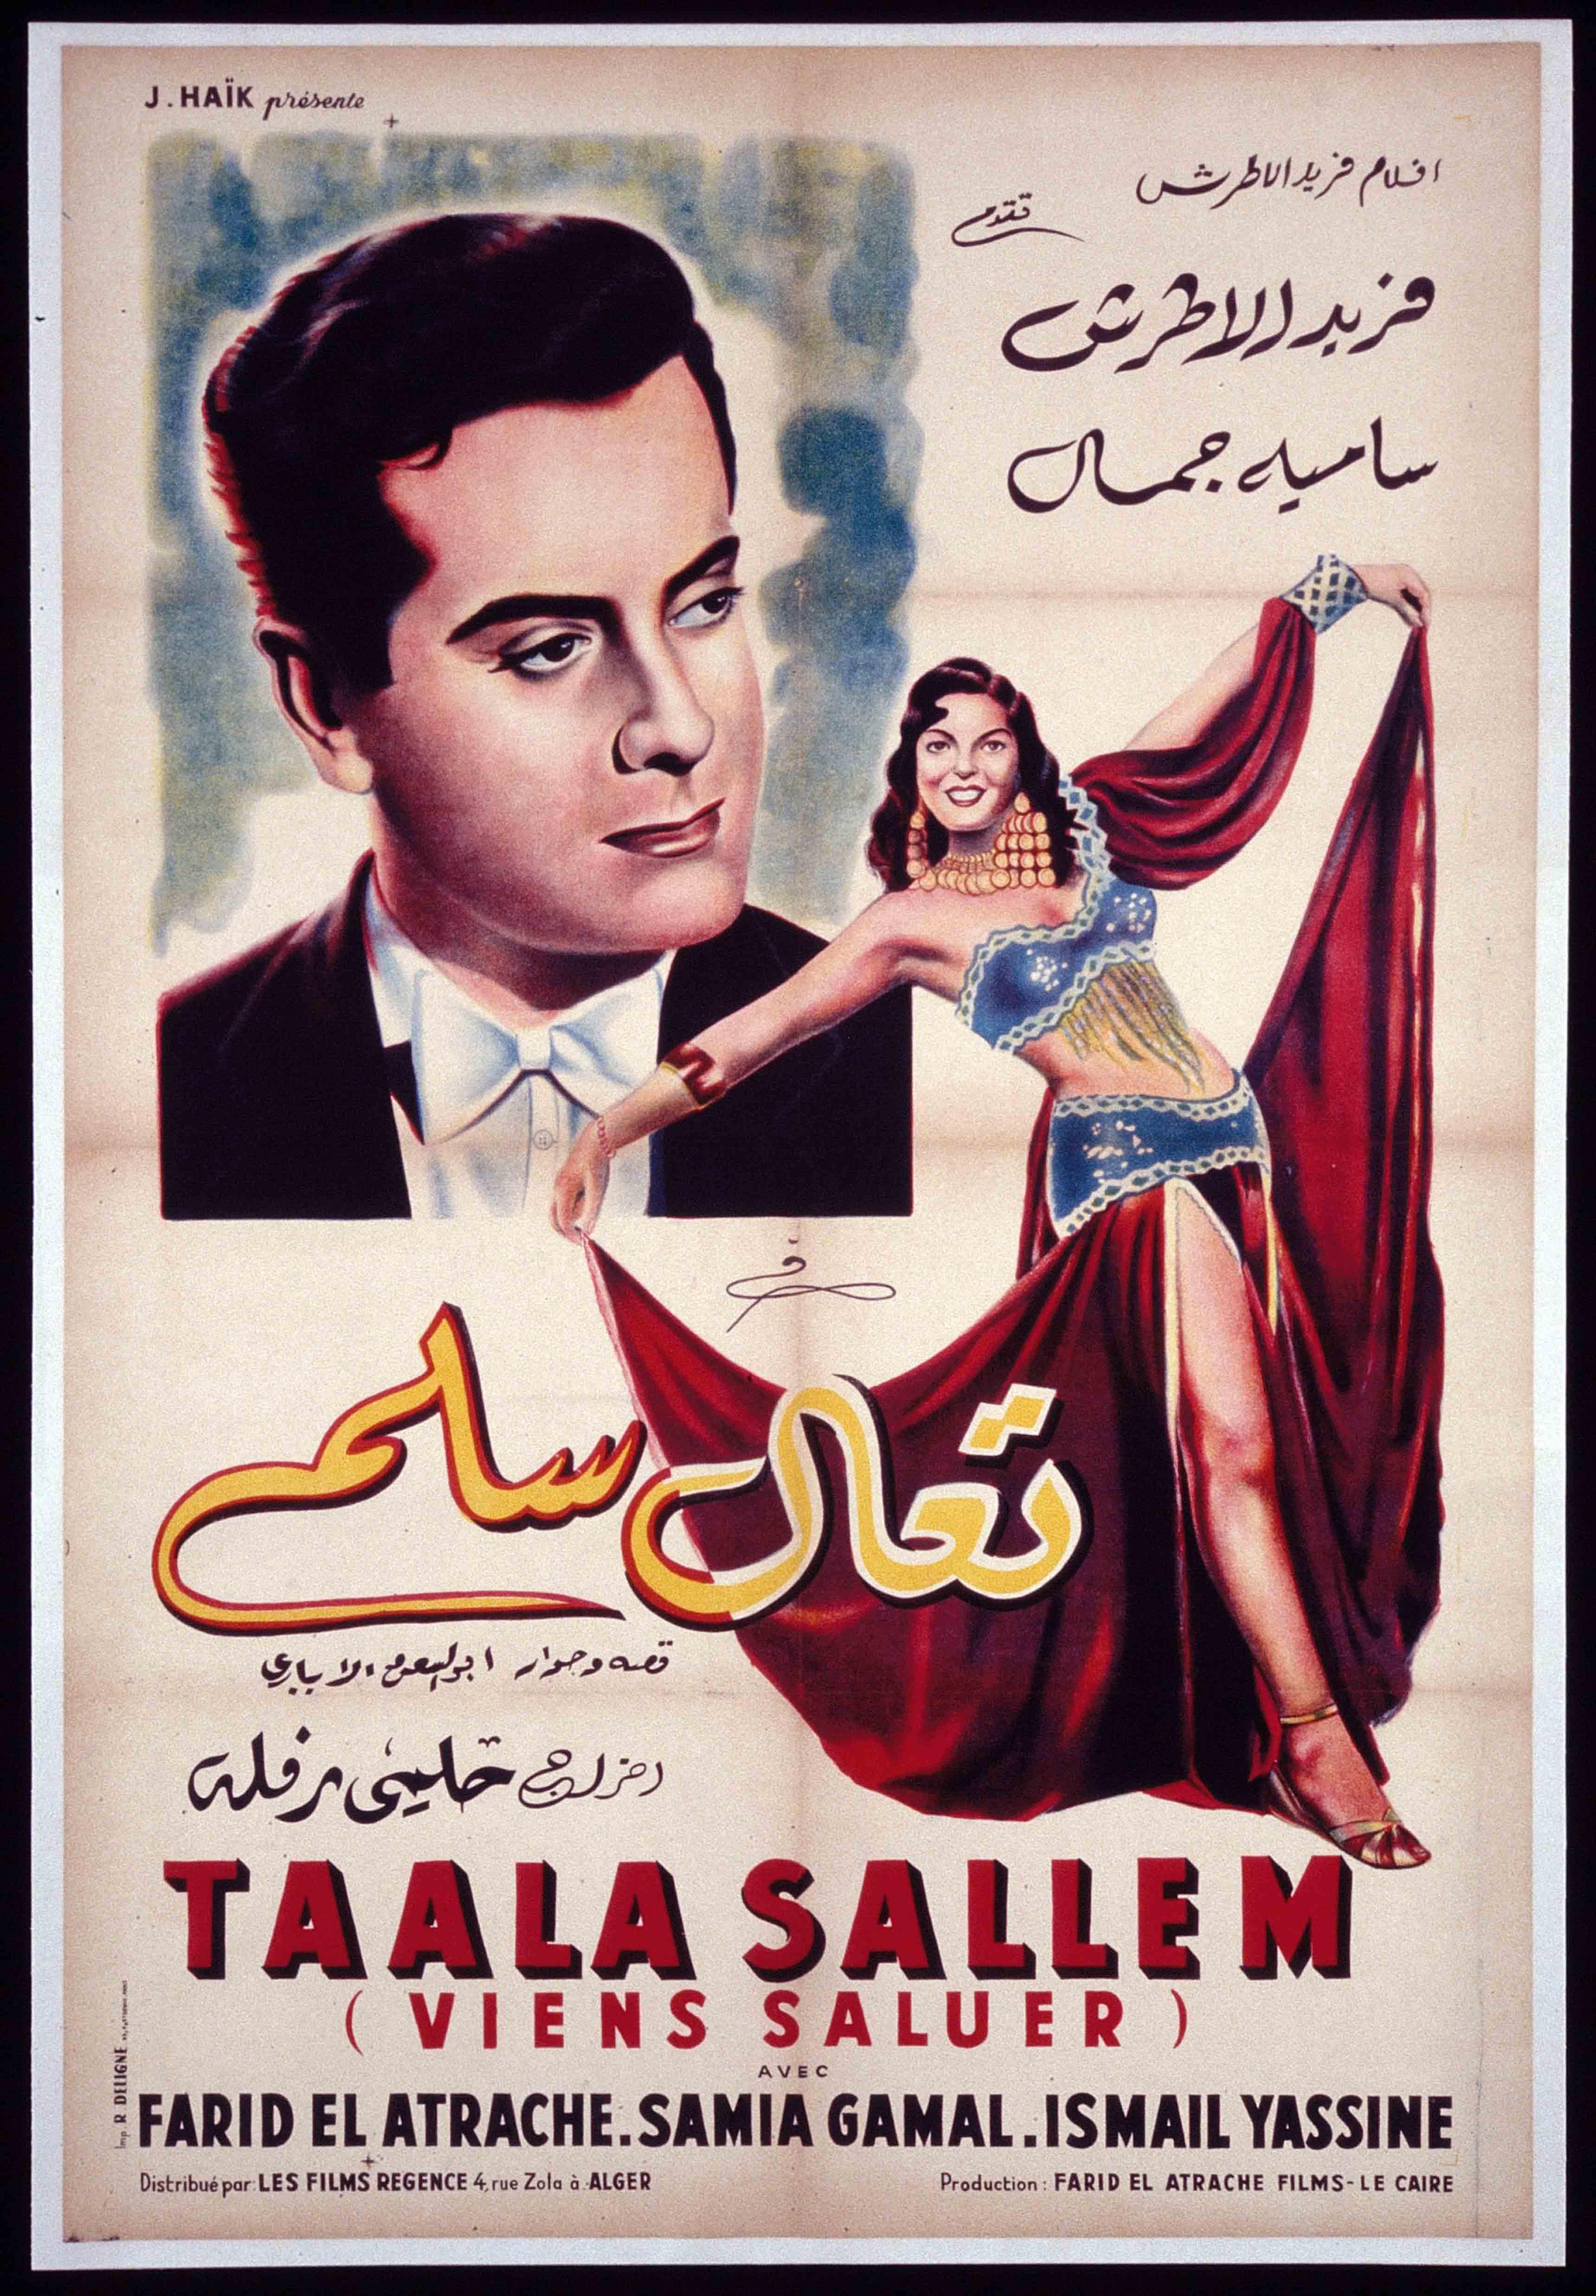 Affiche de cinéma égyptien, Cinémathèque Française © DR